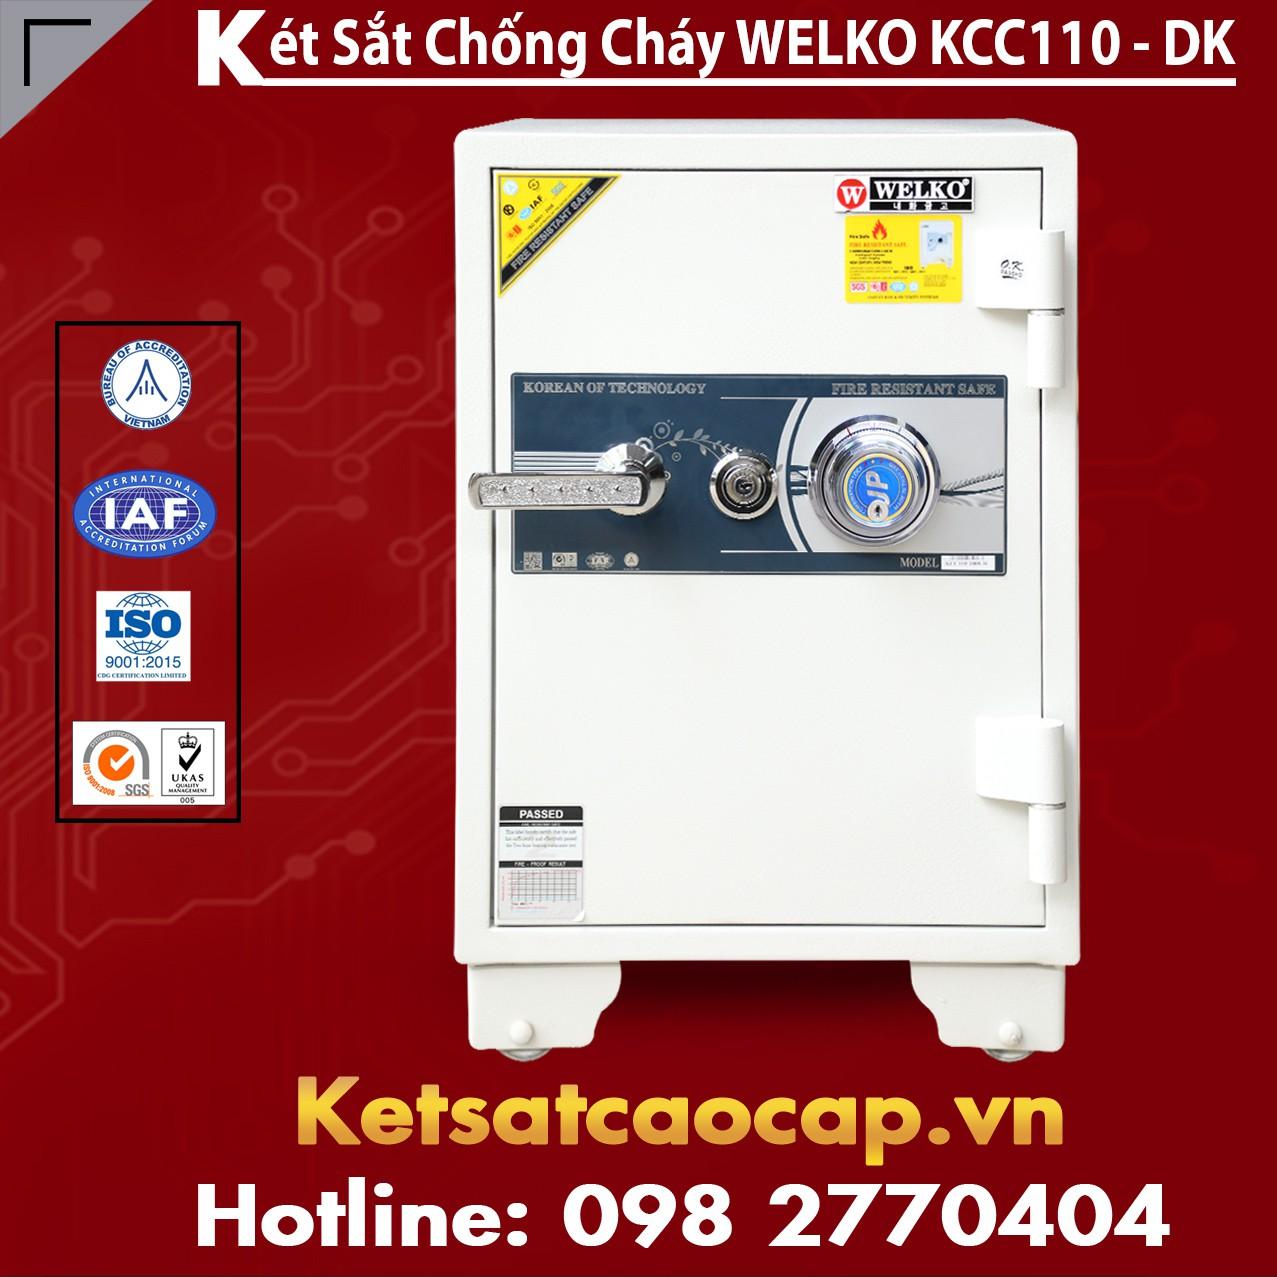 Két Sắt Sài Gòn KCC110 - DK